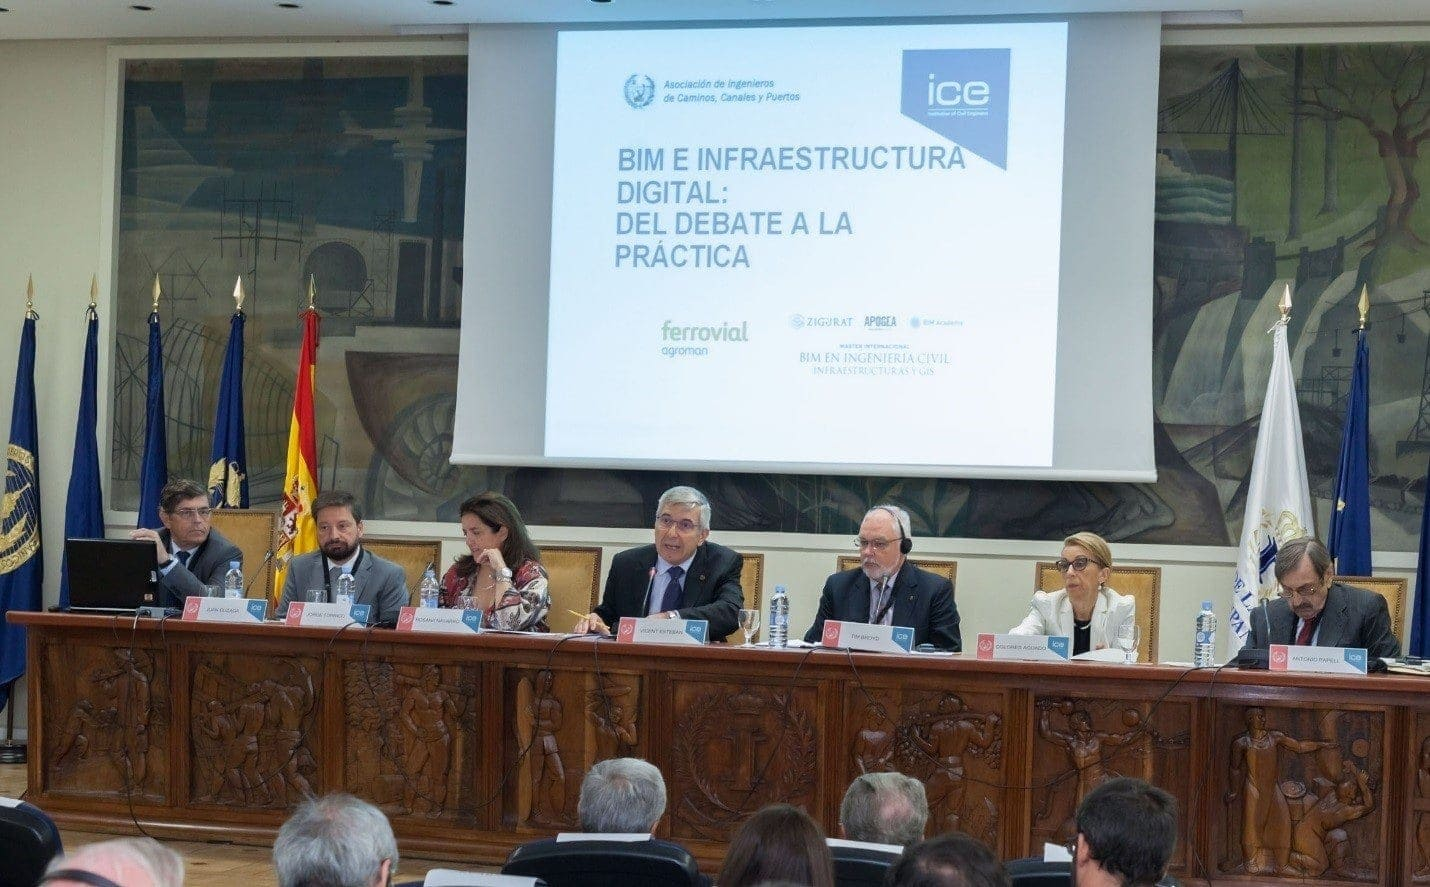 evento bim y digitalización en construcción